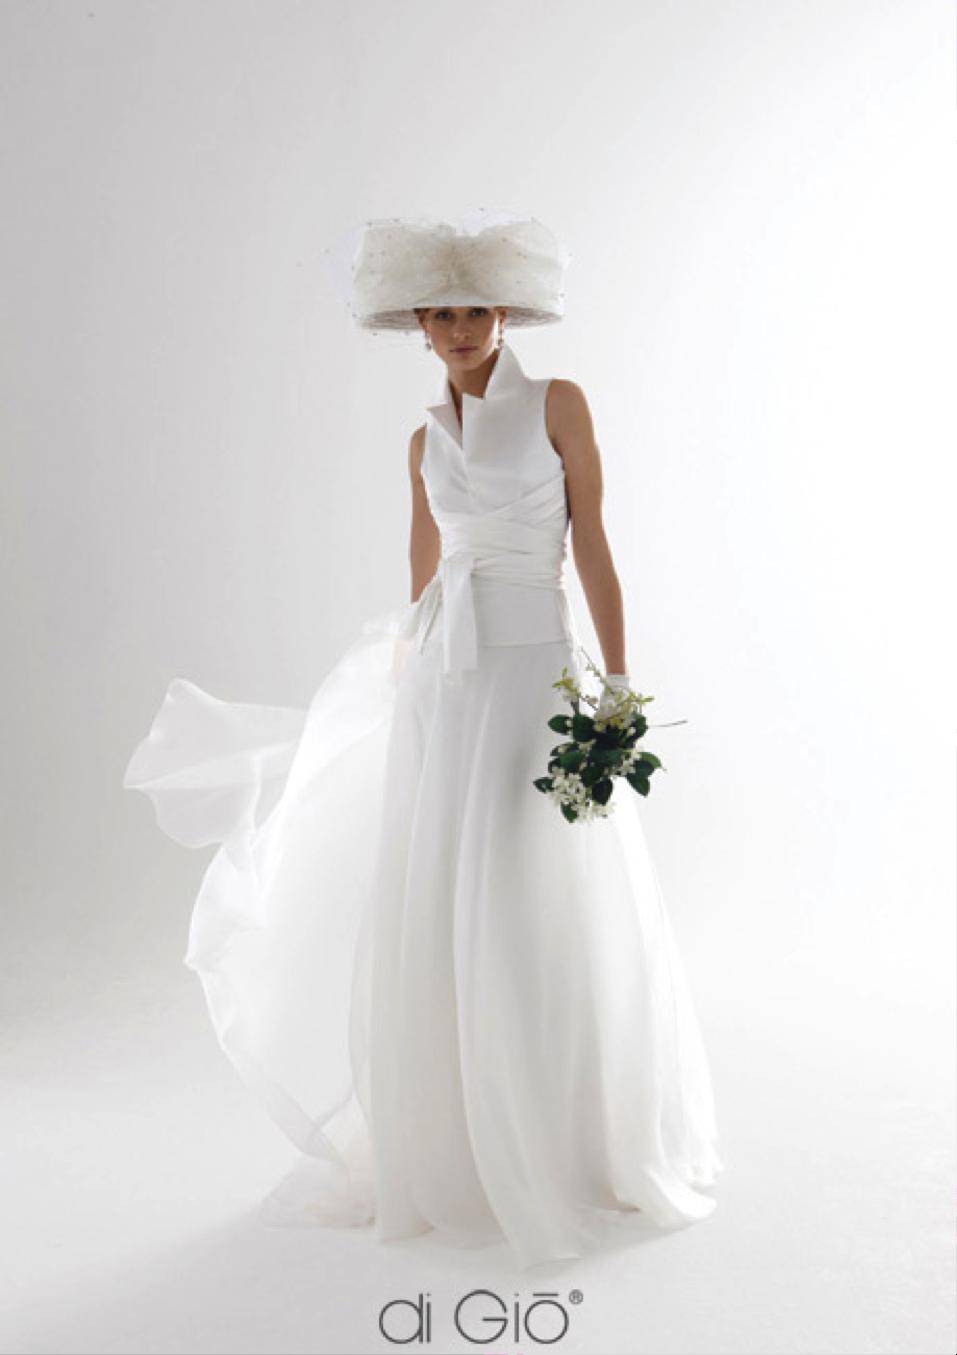 Vestiti Da Sposa Le Spose Di Gio.Modelli Abiti Sposa Le Spose Di Gio 2016 Donne Magazine